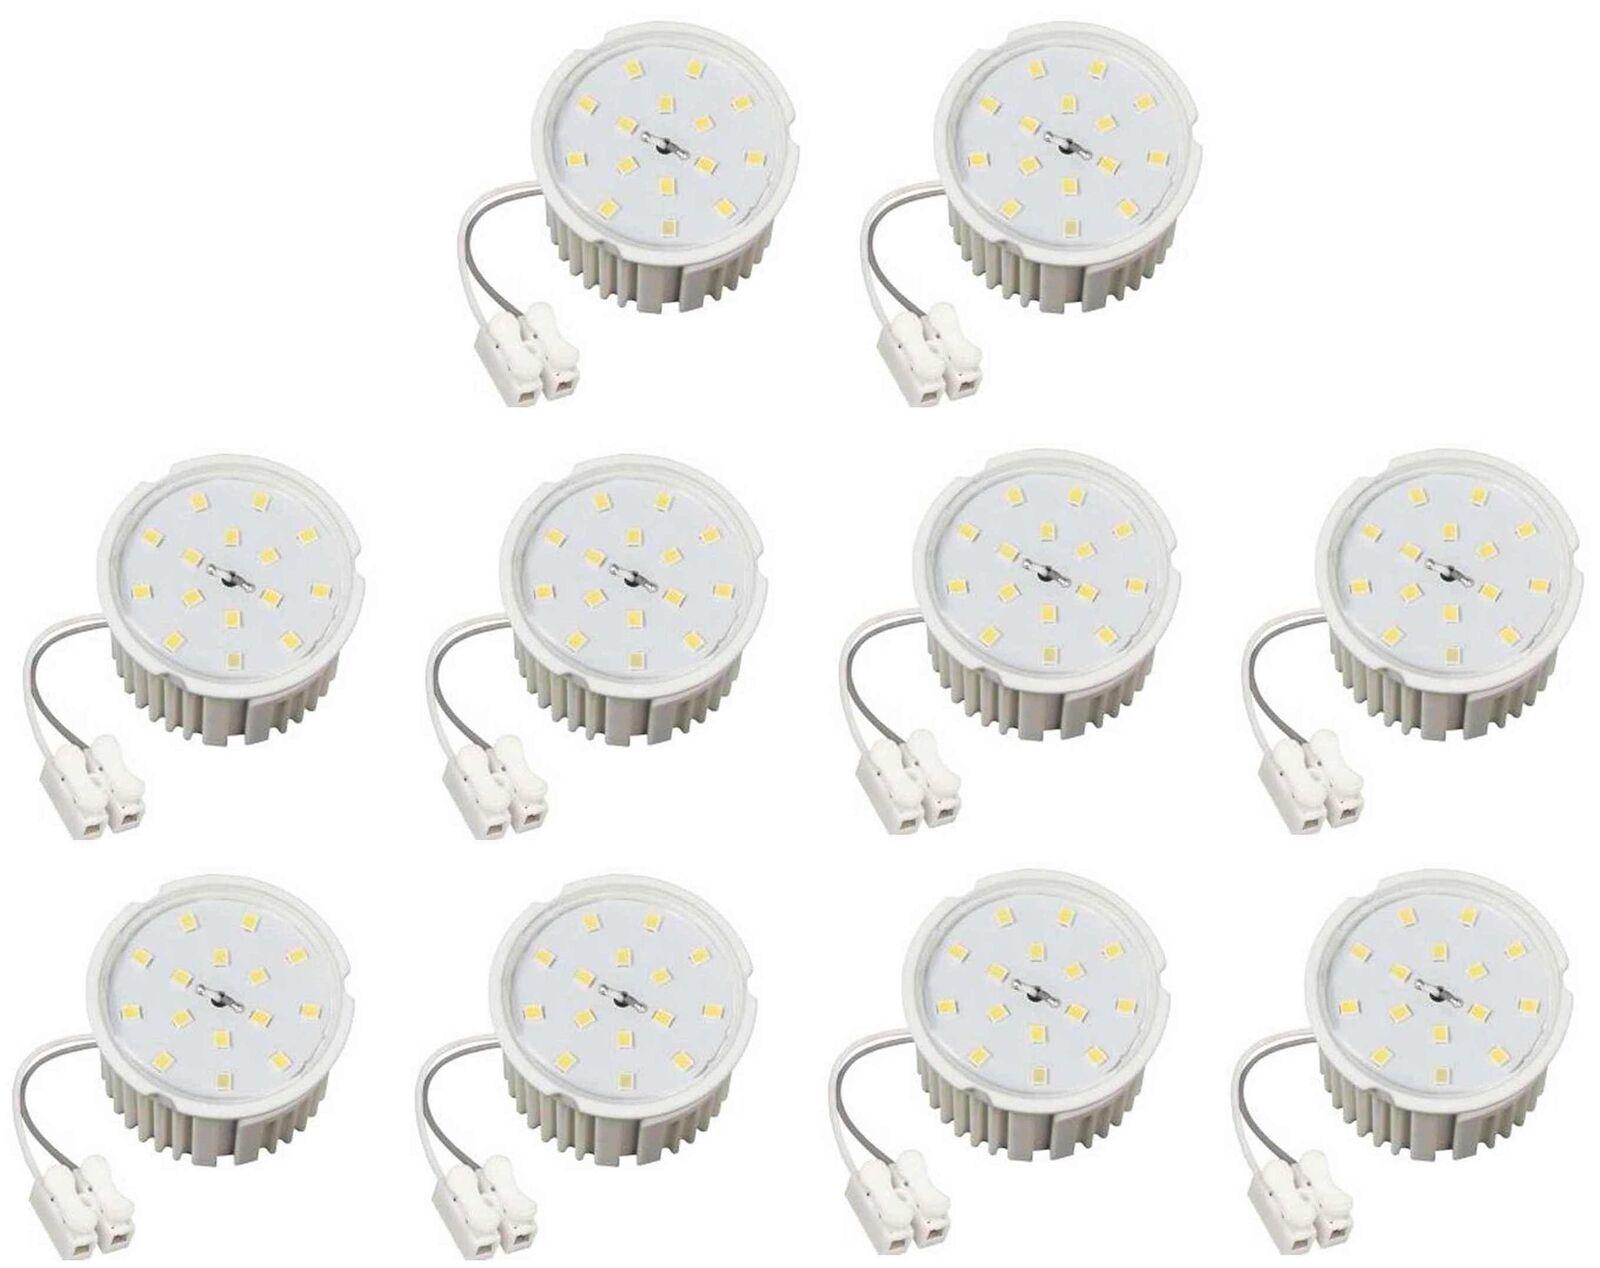 10xLed Flat Flache Birne Lampe warmweiß 7Watt 50x33mm 230 Volt für Einbauspots